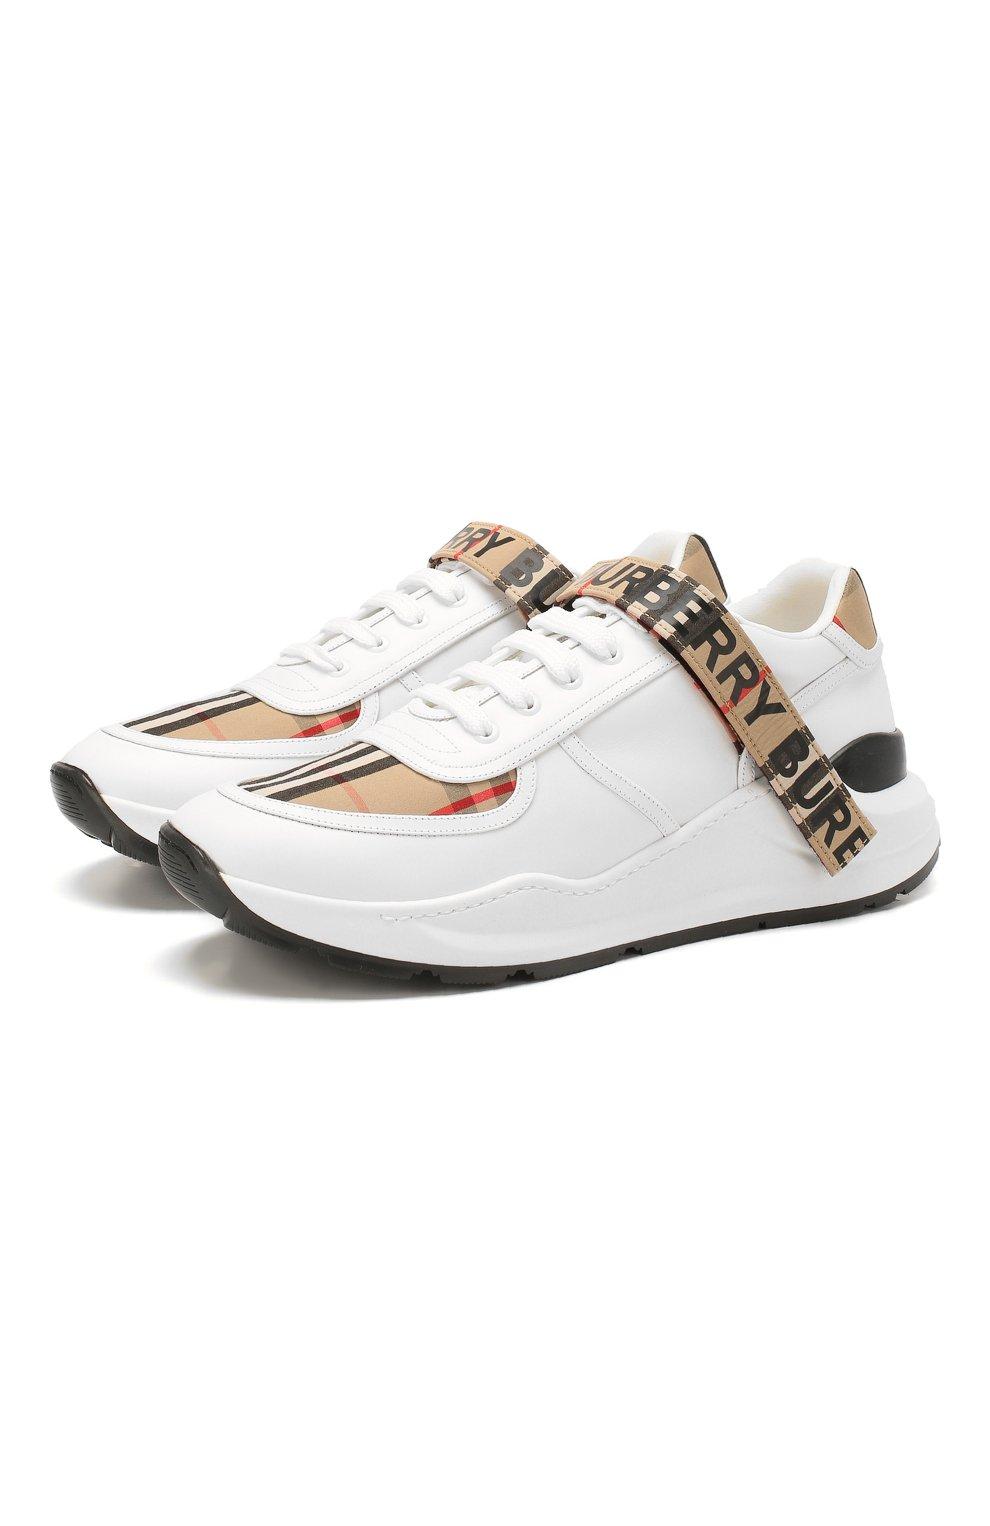 Мужские комбинированные кроссовки BURBERRY белого цвета, арт. 8024052   Фото 1 (Материал внешний: Текстиль; Материал внутренний: Натуральная кожа, Текстиль; Стили: Гранж; Подошва: Массивная)